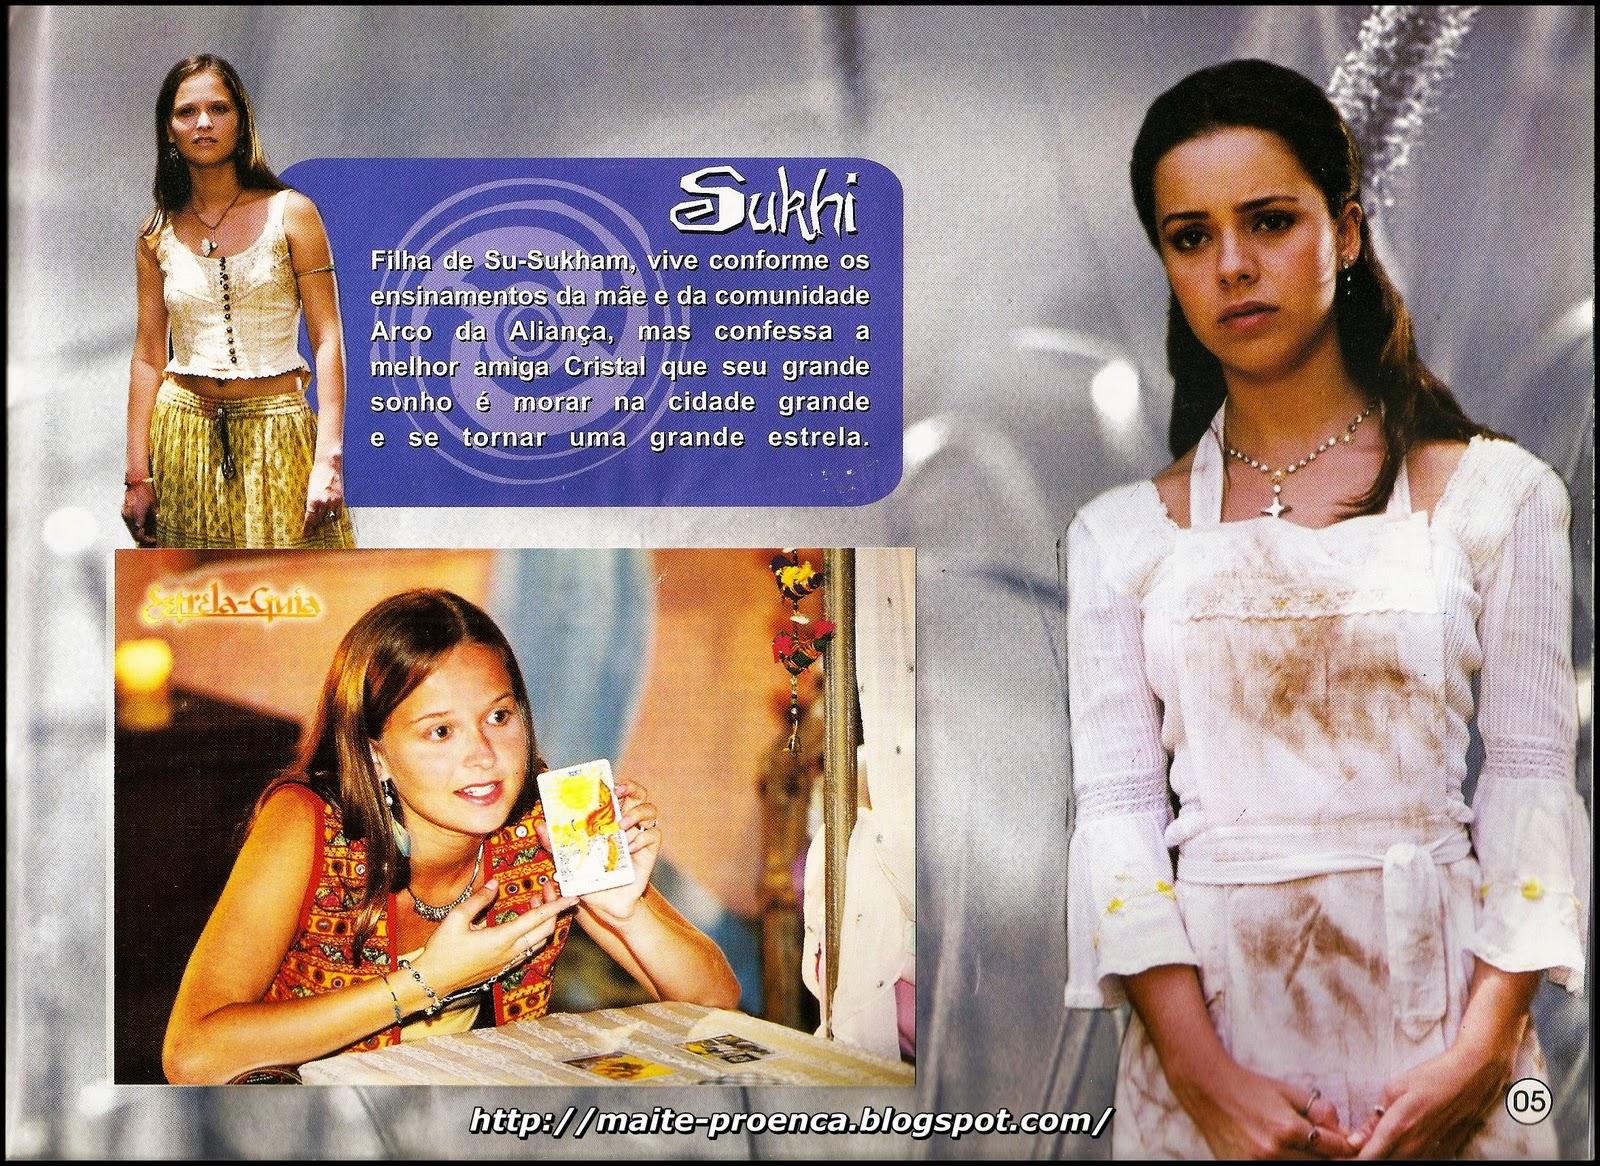 691+2001+Estrela+Guia+Album+(6).jpg